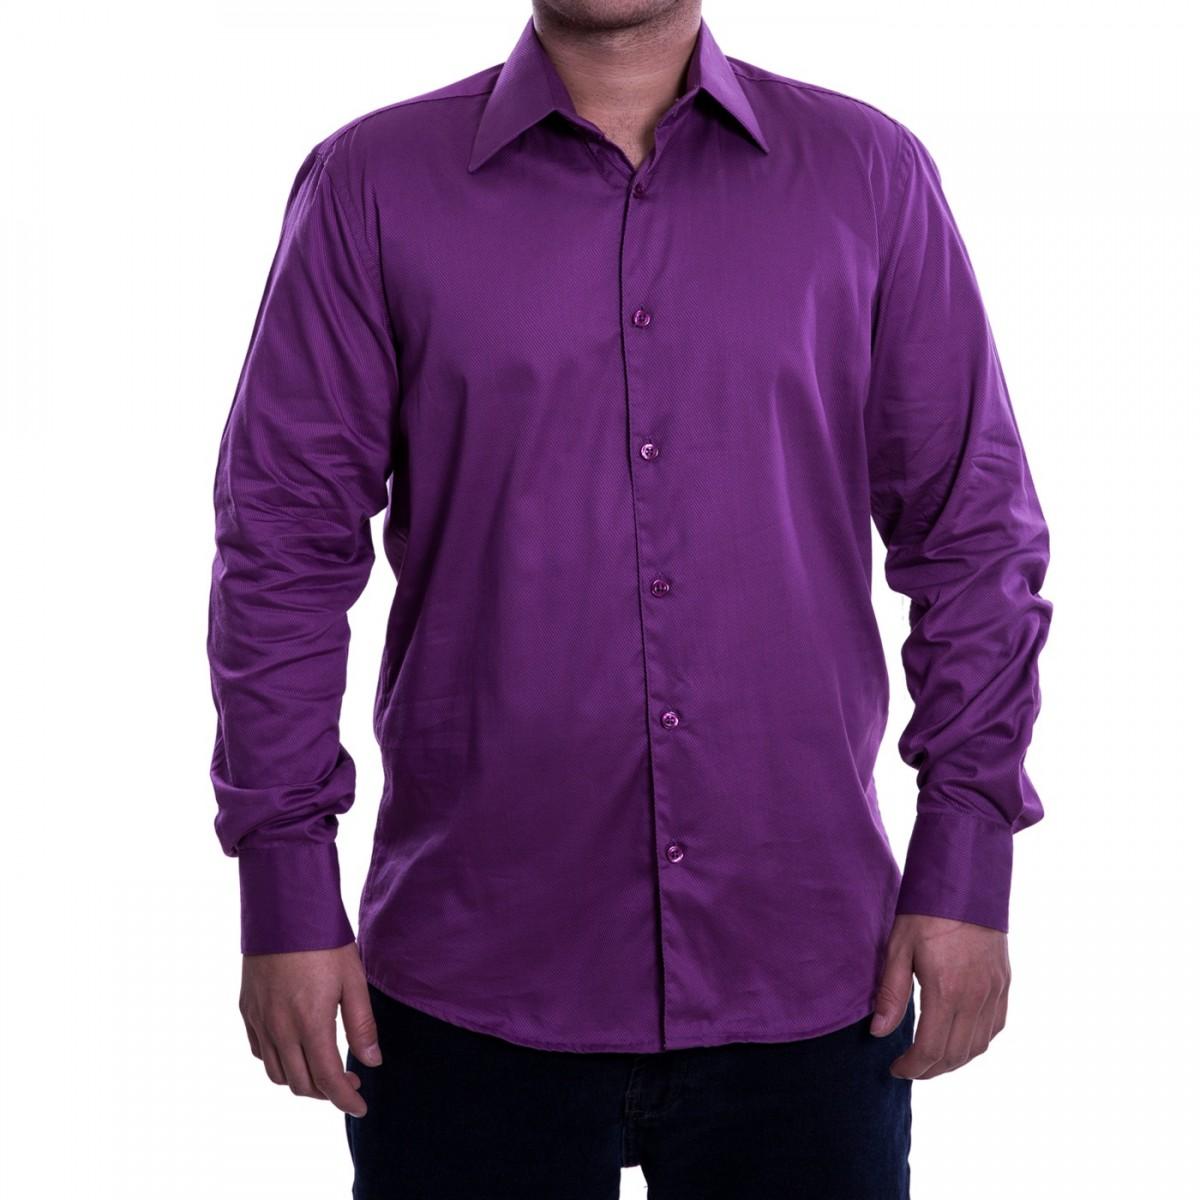 60def557c8 Bizz Store - Camisa Social Masculina Luiz Eugenio Slim Fio 50